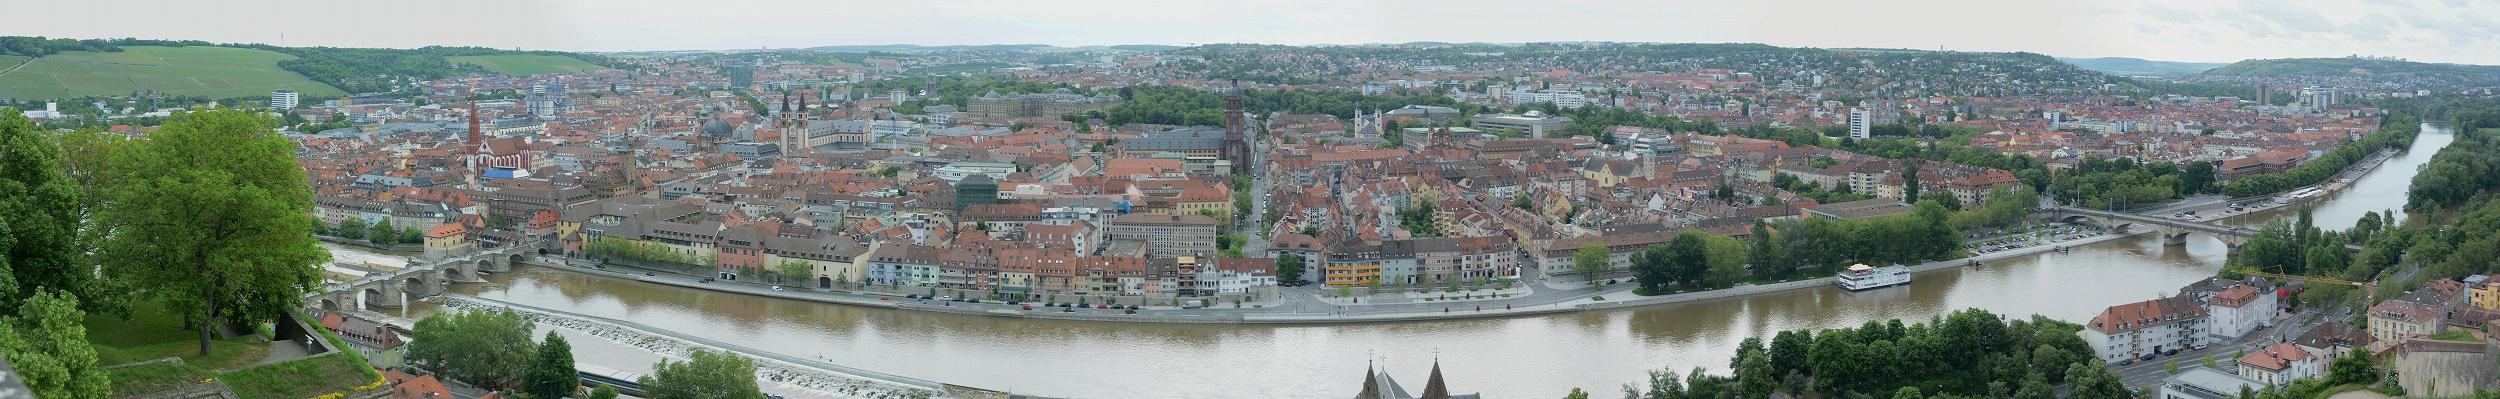 ヴュルツブルクの街並みパノラマ